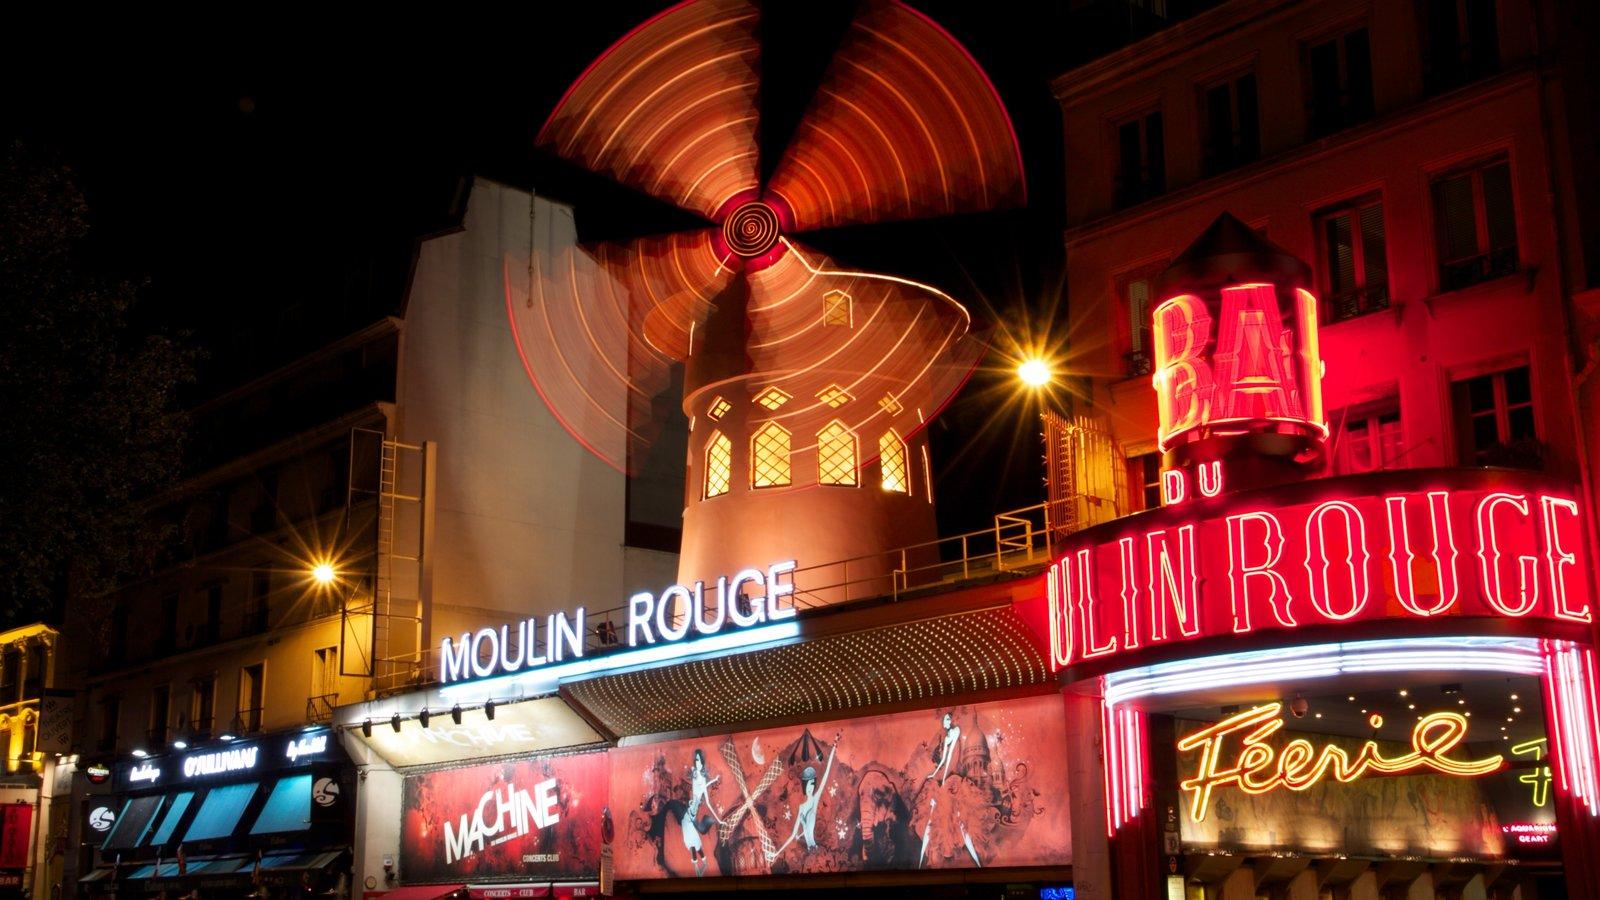 Paris caracterizando sinalização, uma cidade e cenas de rua